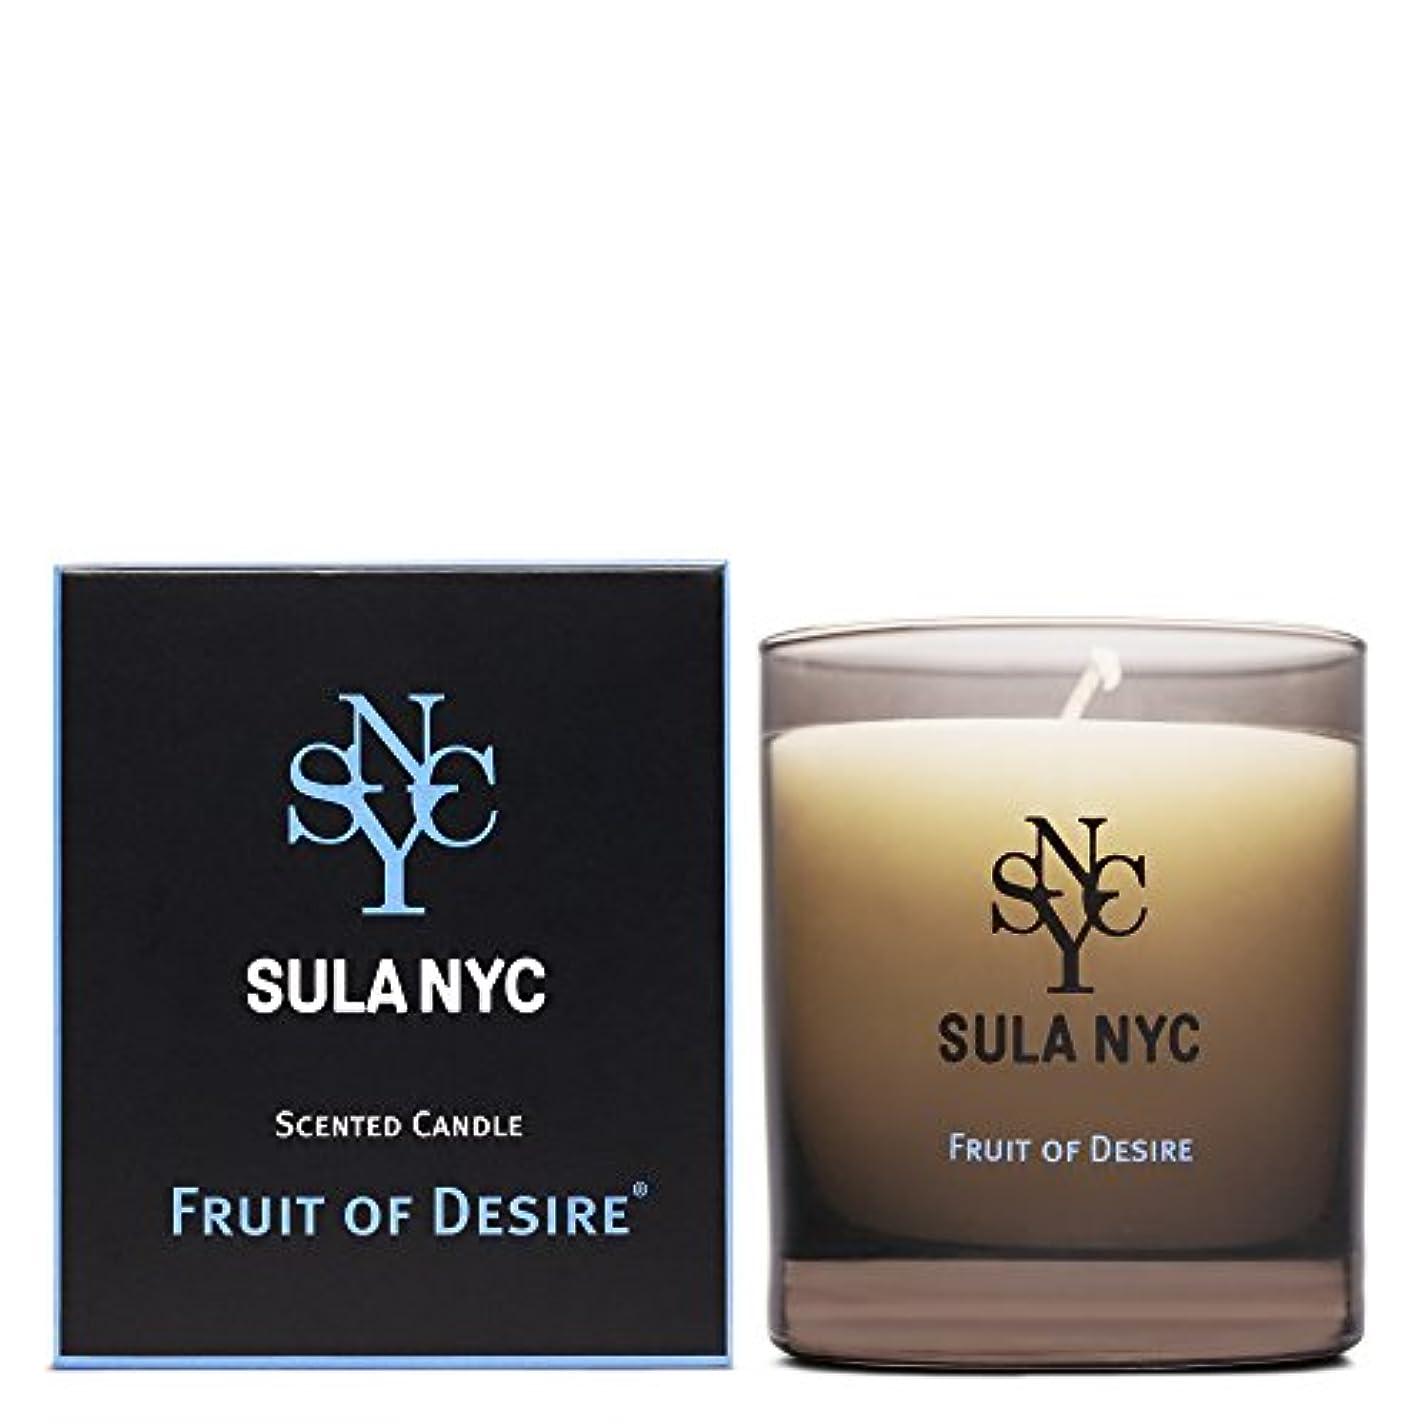 教養がある五十壮大なSULA NYC SCENTED CANDLE FRIT OF DESIRE スーラNYC センティッドキャンドル フルーツ?オブ?ディザイアー